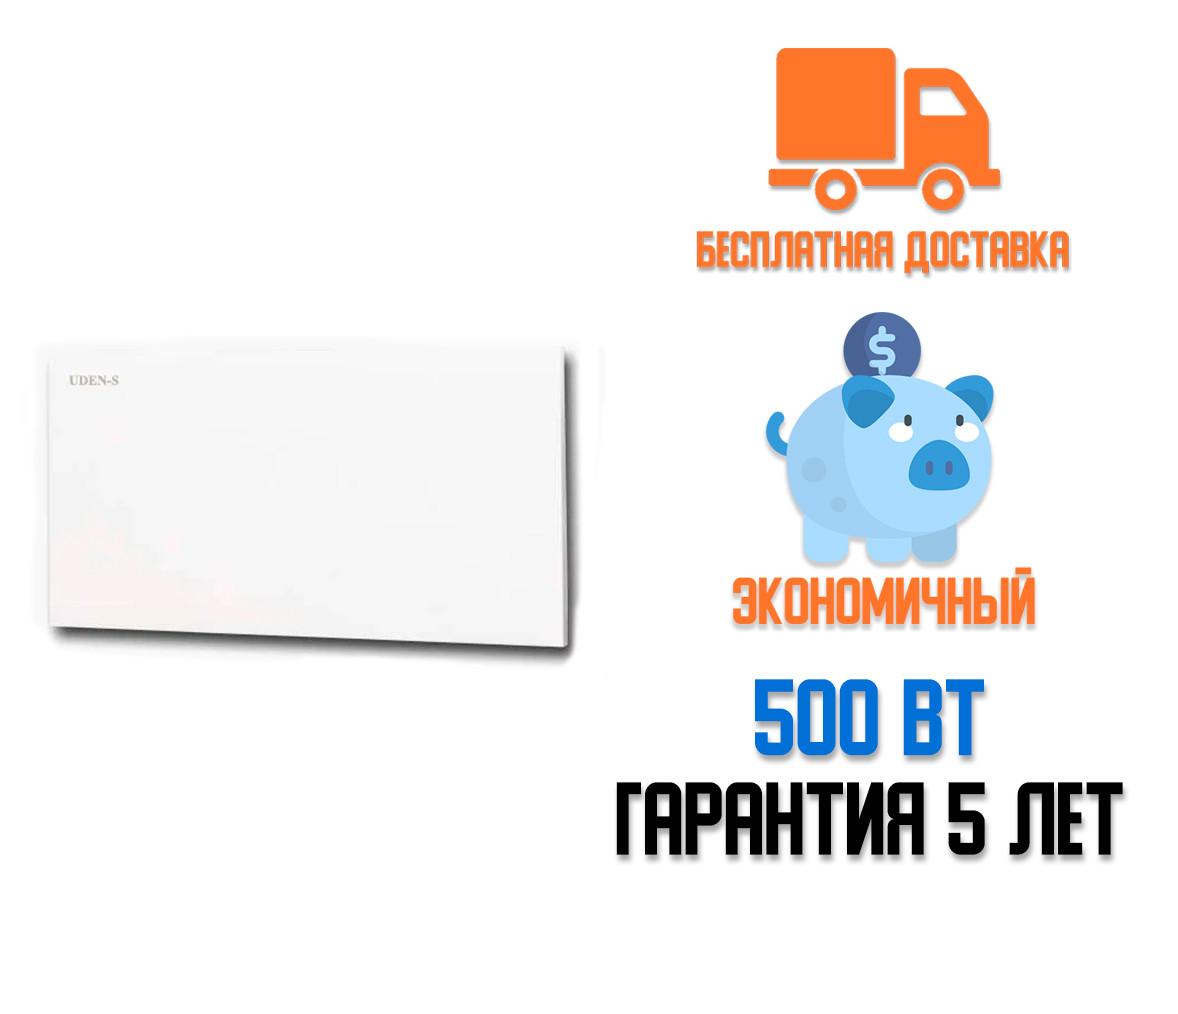 Нагревательная панель UDEN-500 универсал. Бесплатная доставка.